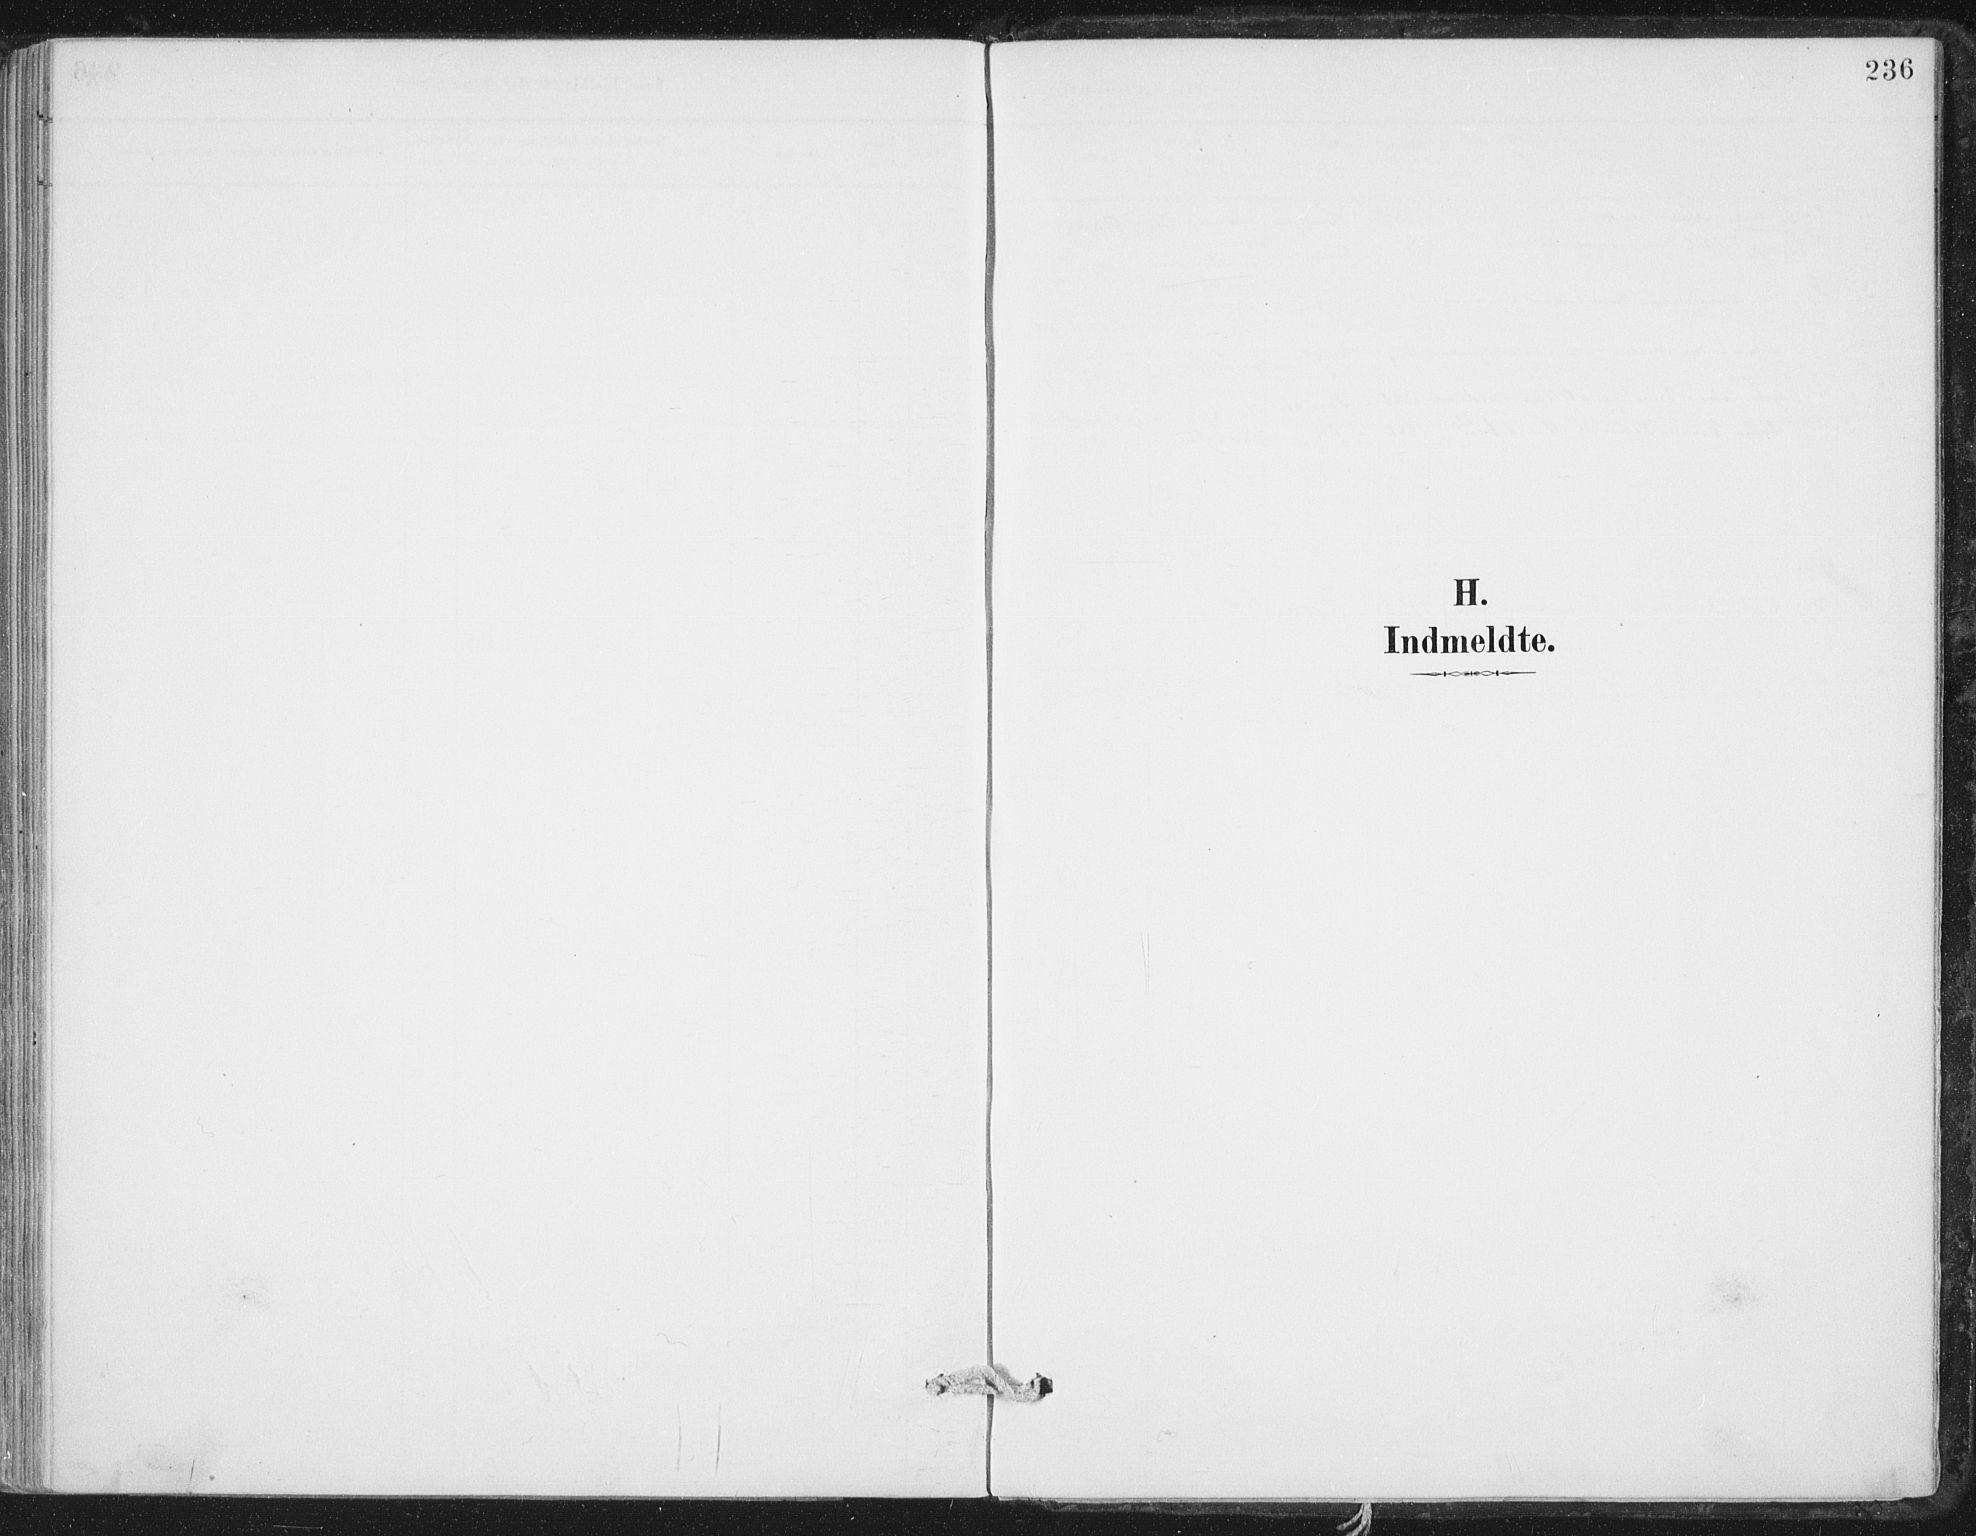 SAT, Ministerialprotokoller, klokkerbøker og fødselsregistre - Nord-Trøndelag, 786/L0687: Ministerialbok nr. 786A03, 1888-1898, s. 236